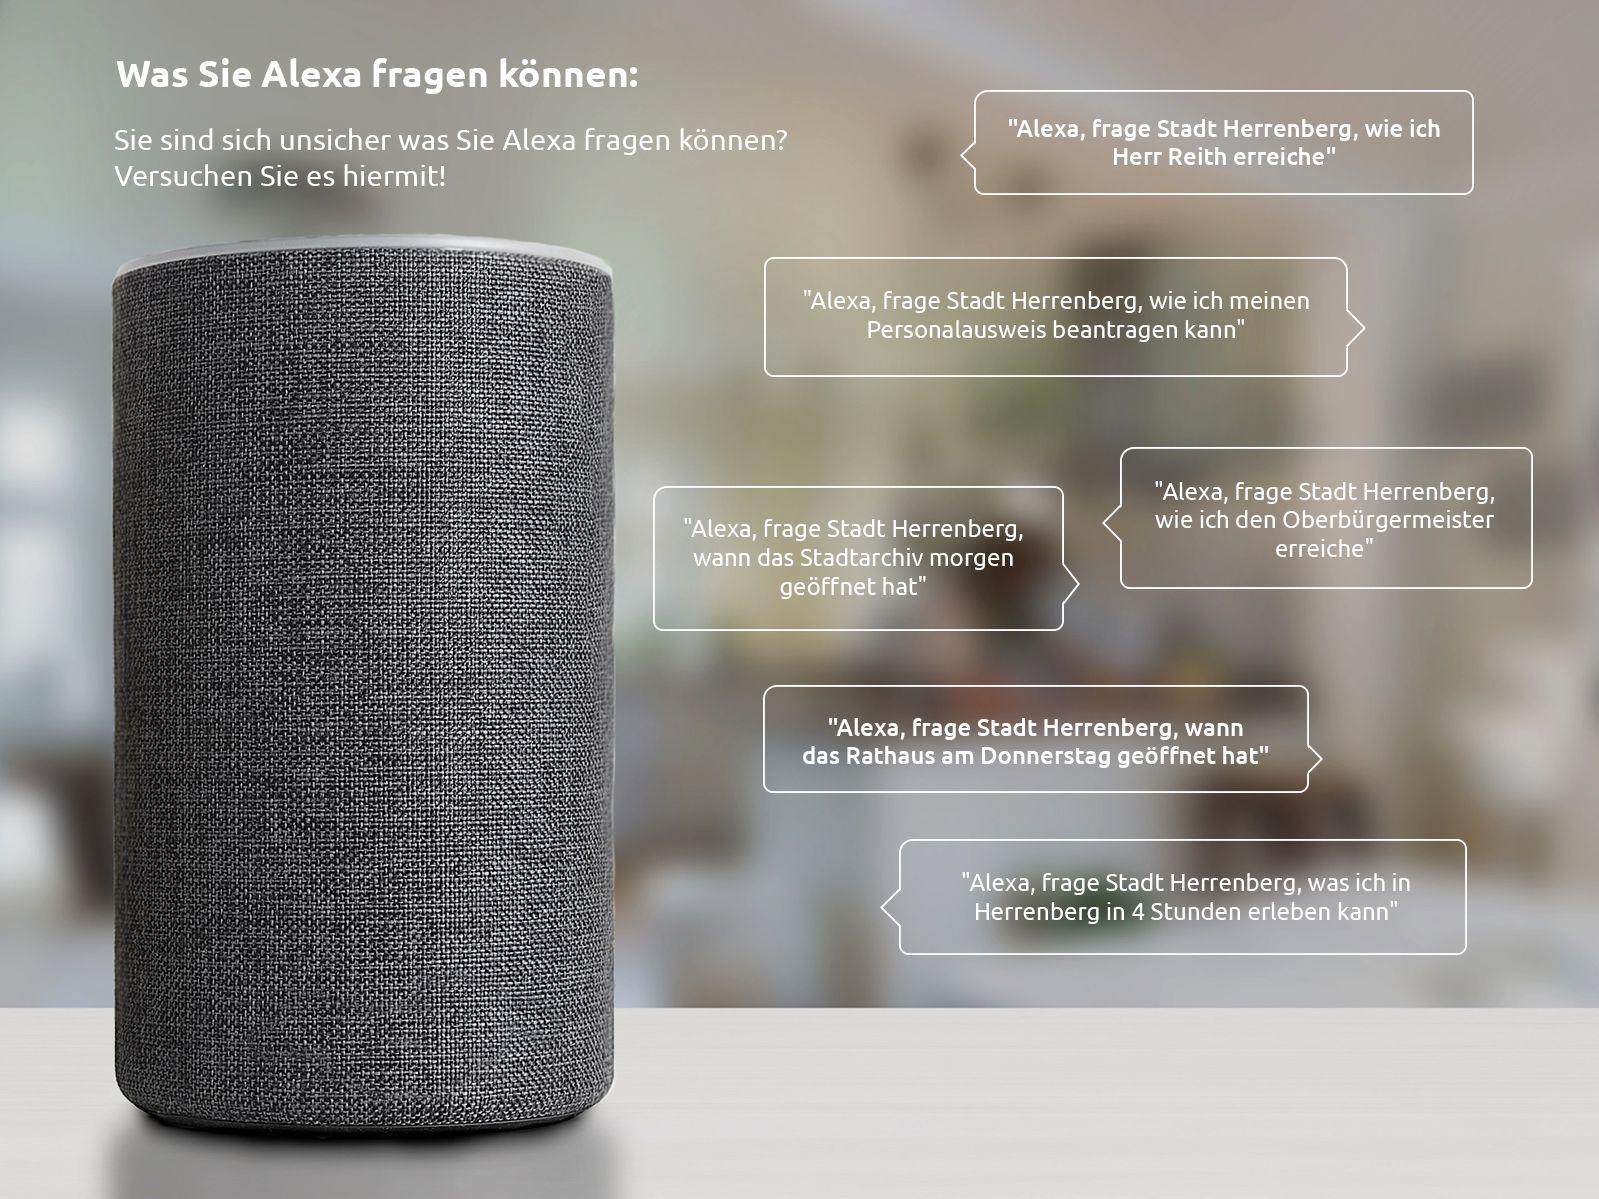 Beispielfragen für den Alexa-Skill